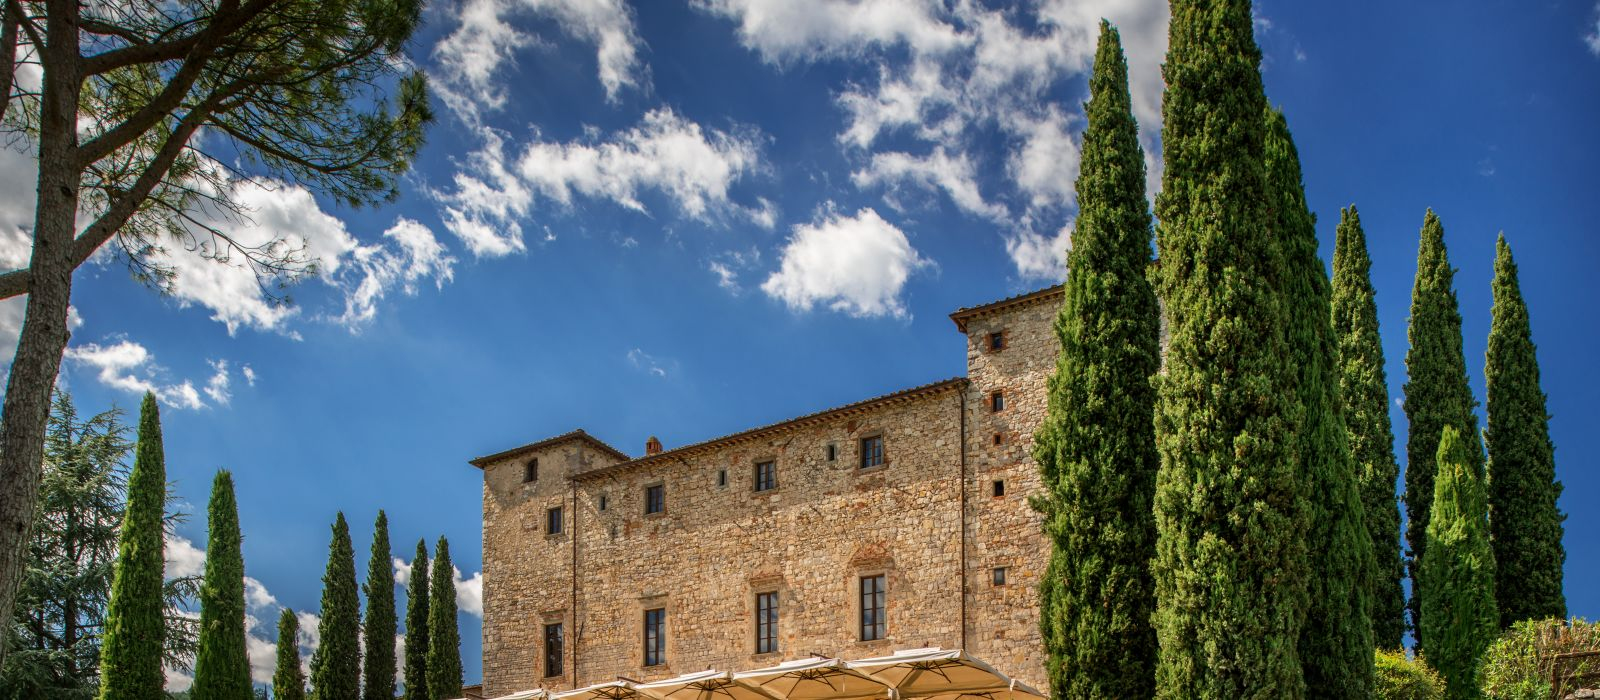 Hotel Castello di Spaltenna Italy